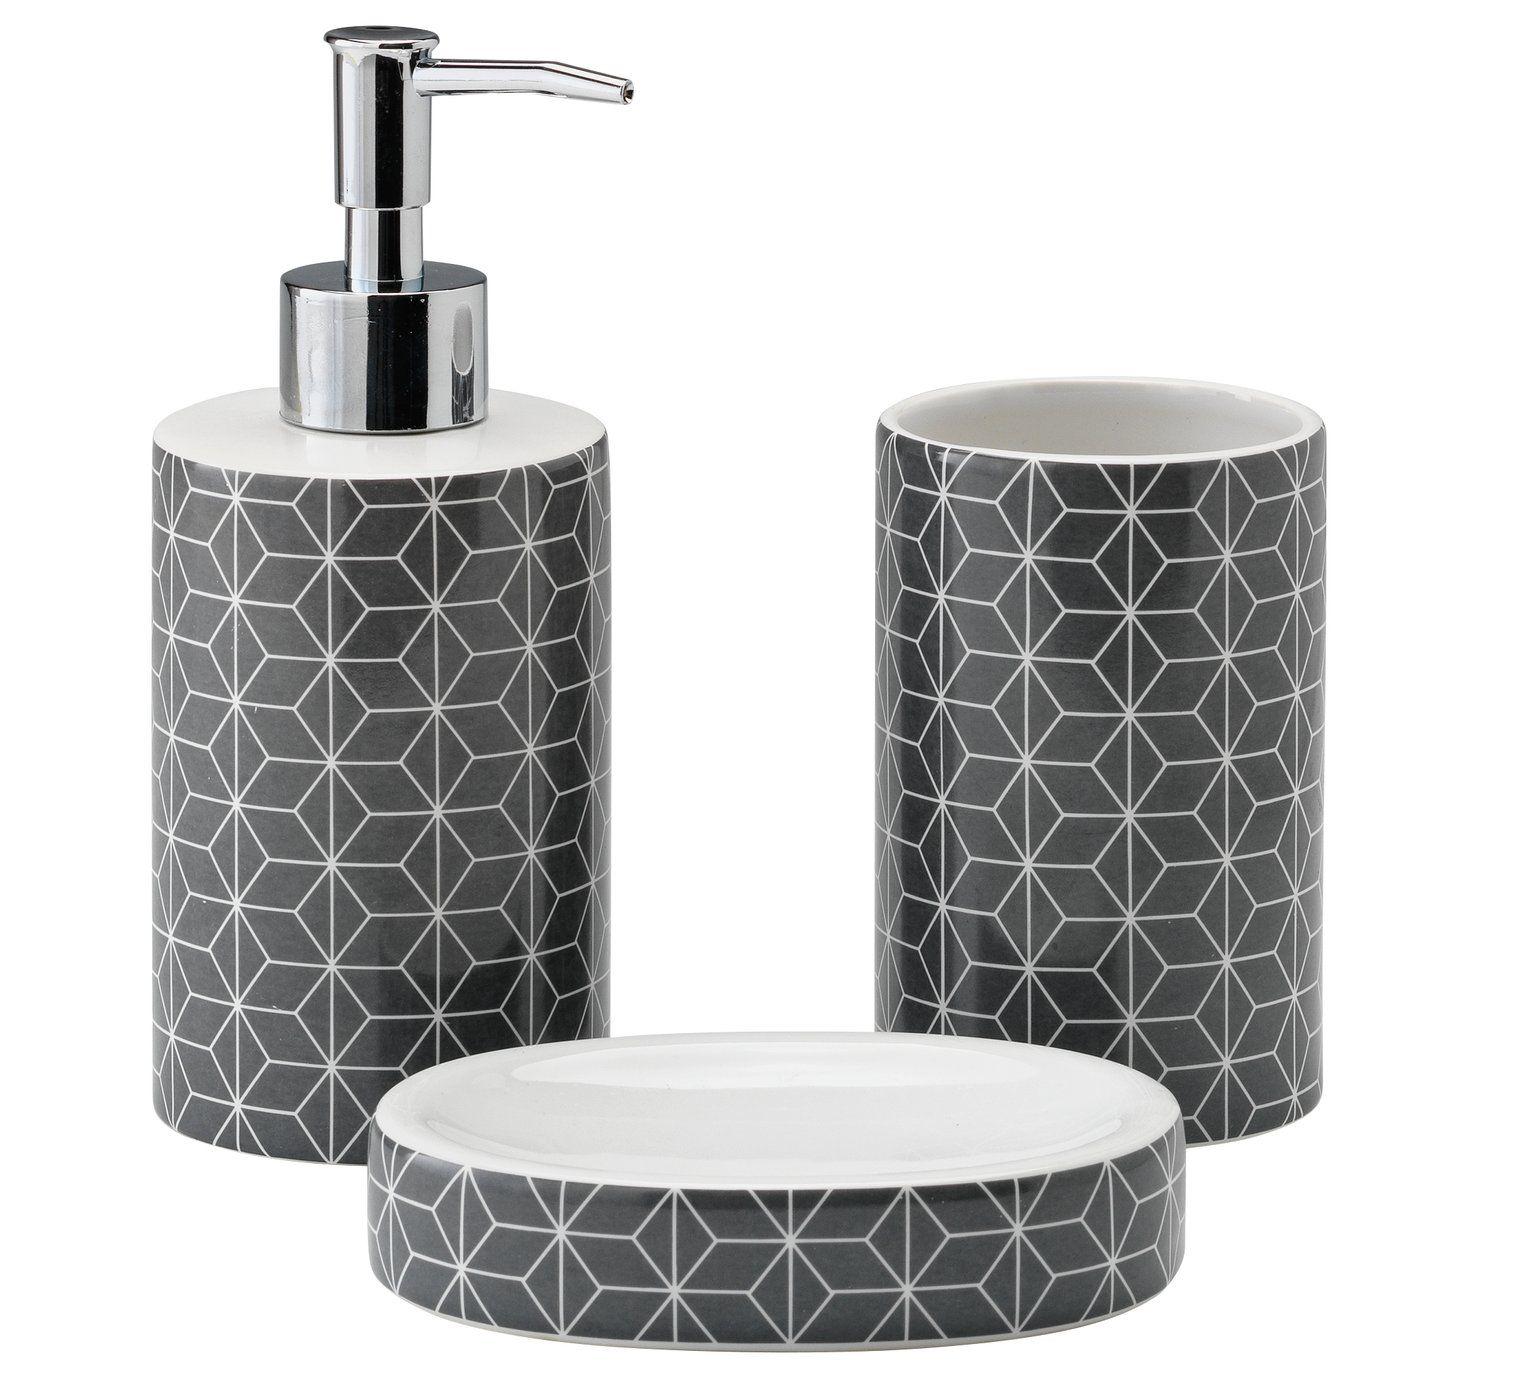 Buy Collection 3 Piece Bathroom Accessory Set - Geo Grey at Argos.co ...